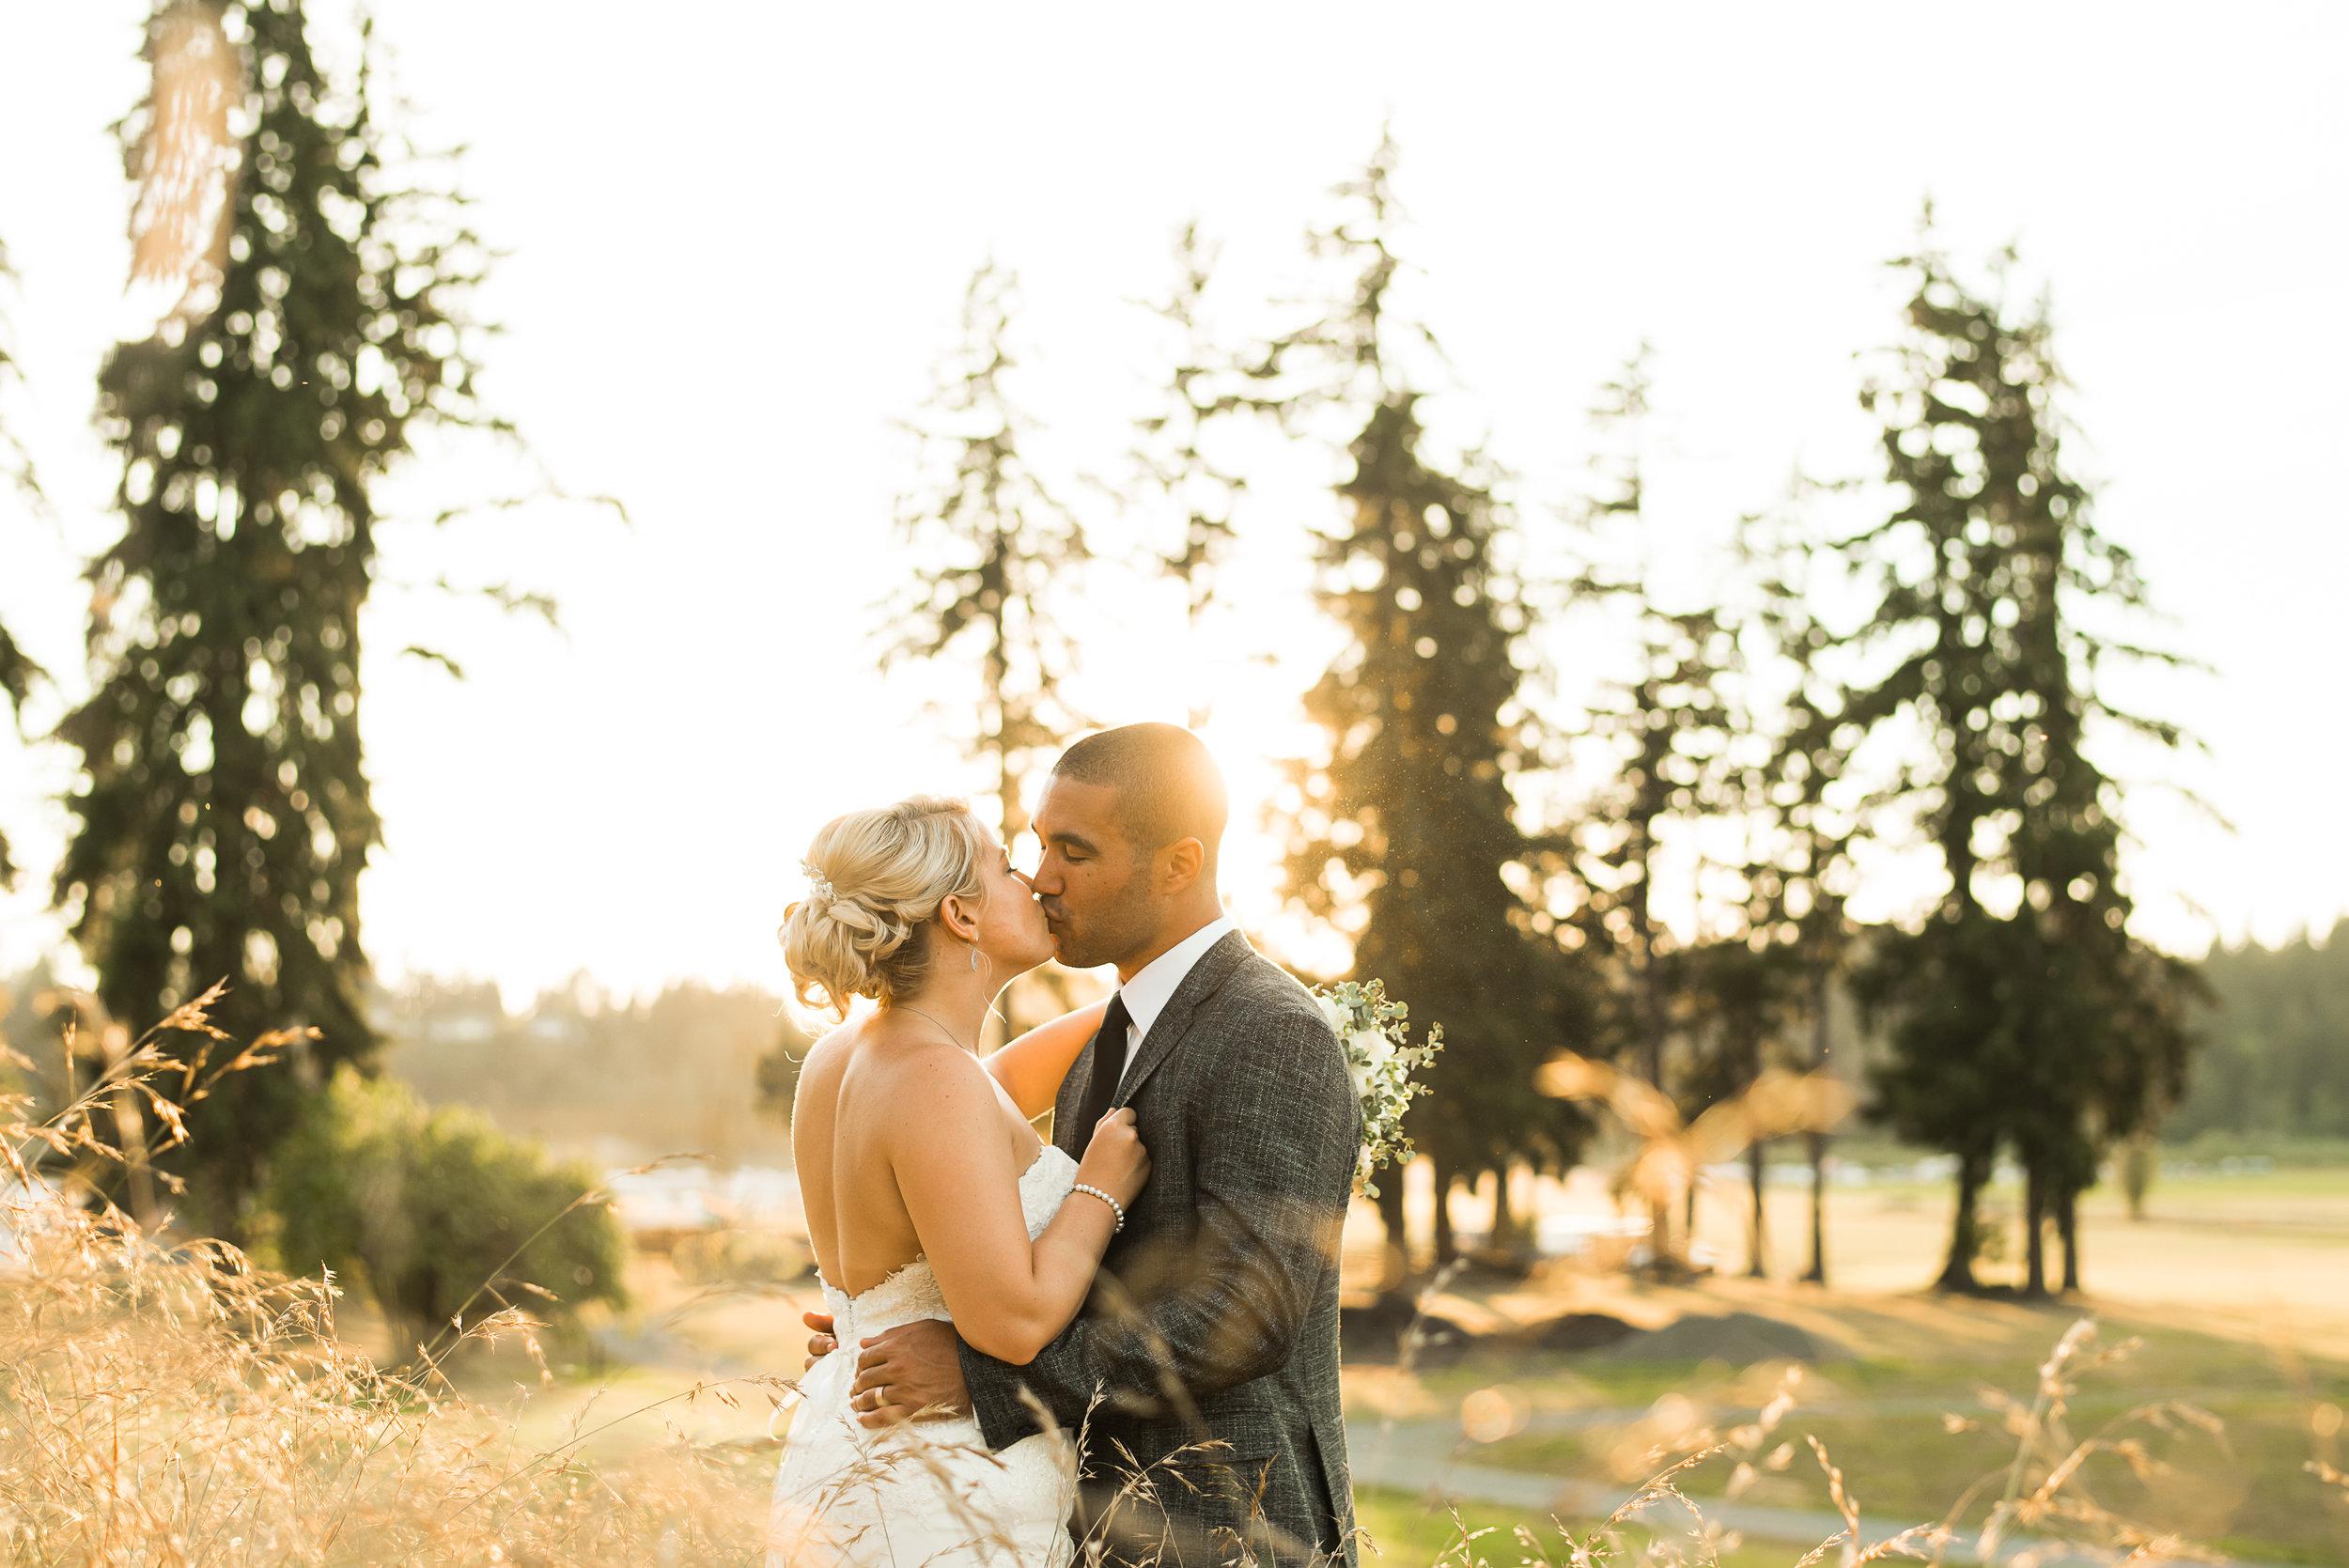 HA-wedding-Van-Wyhe-Photography-623.jpg